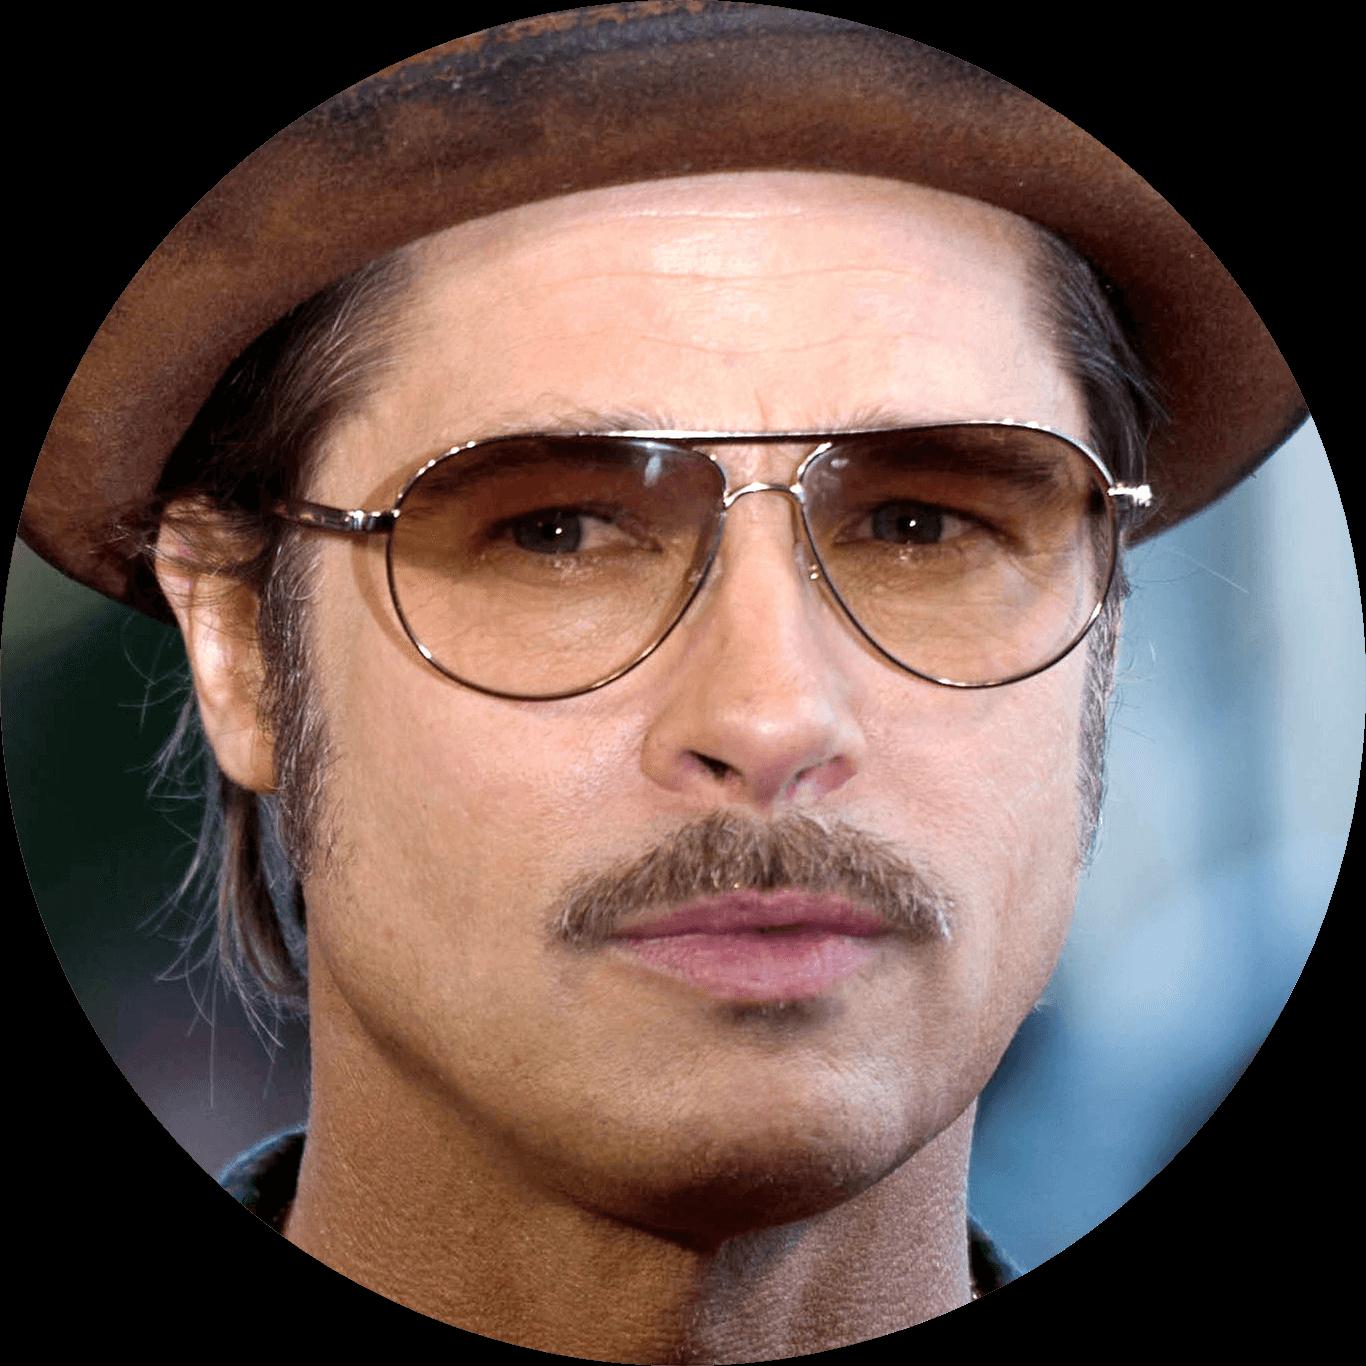 a mustache